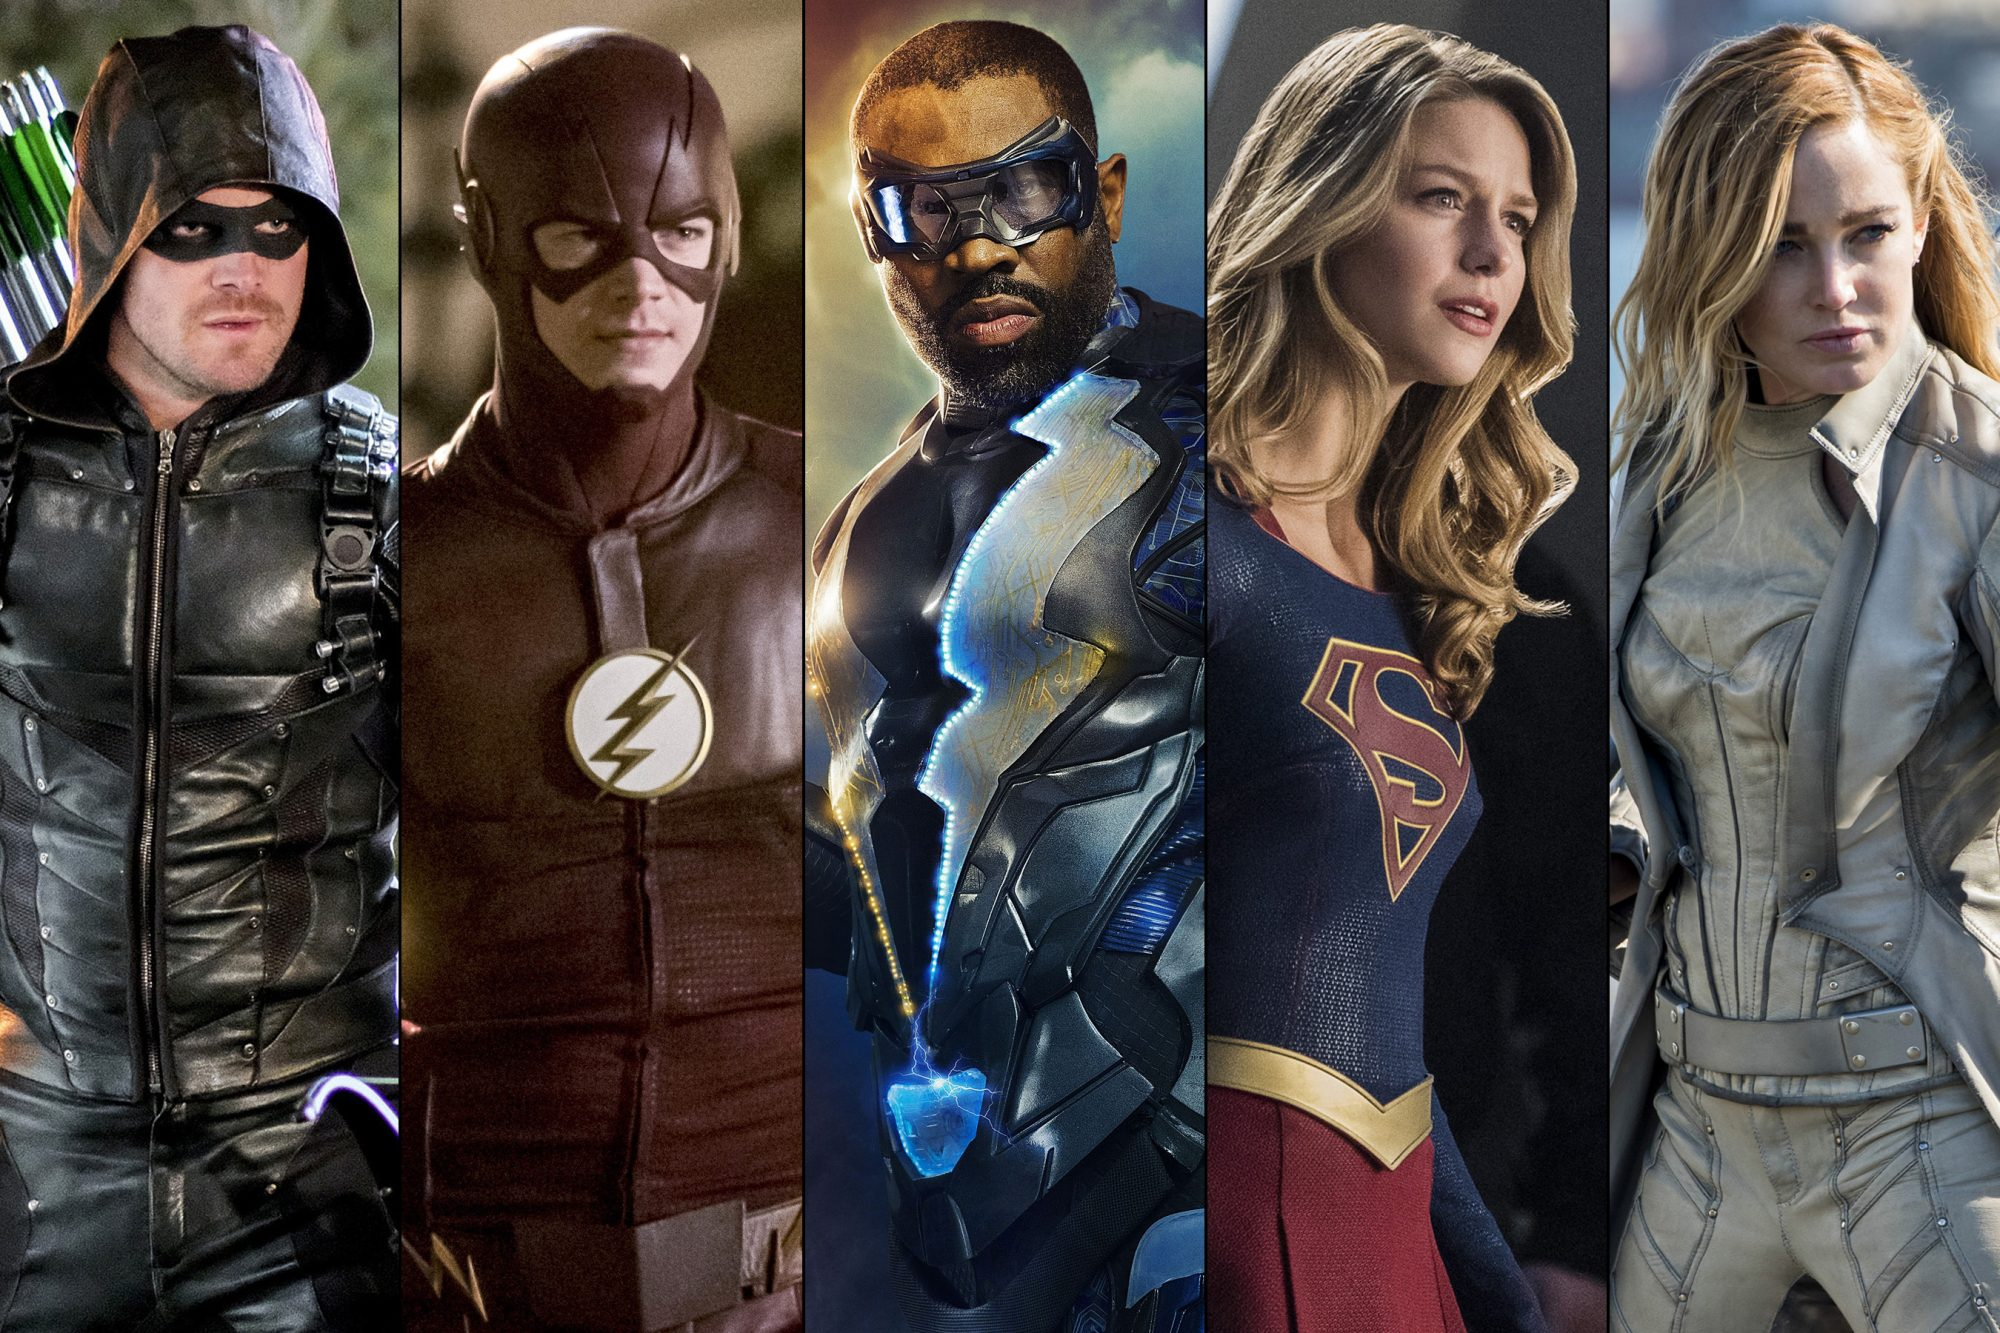 cw-superheroes